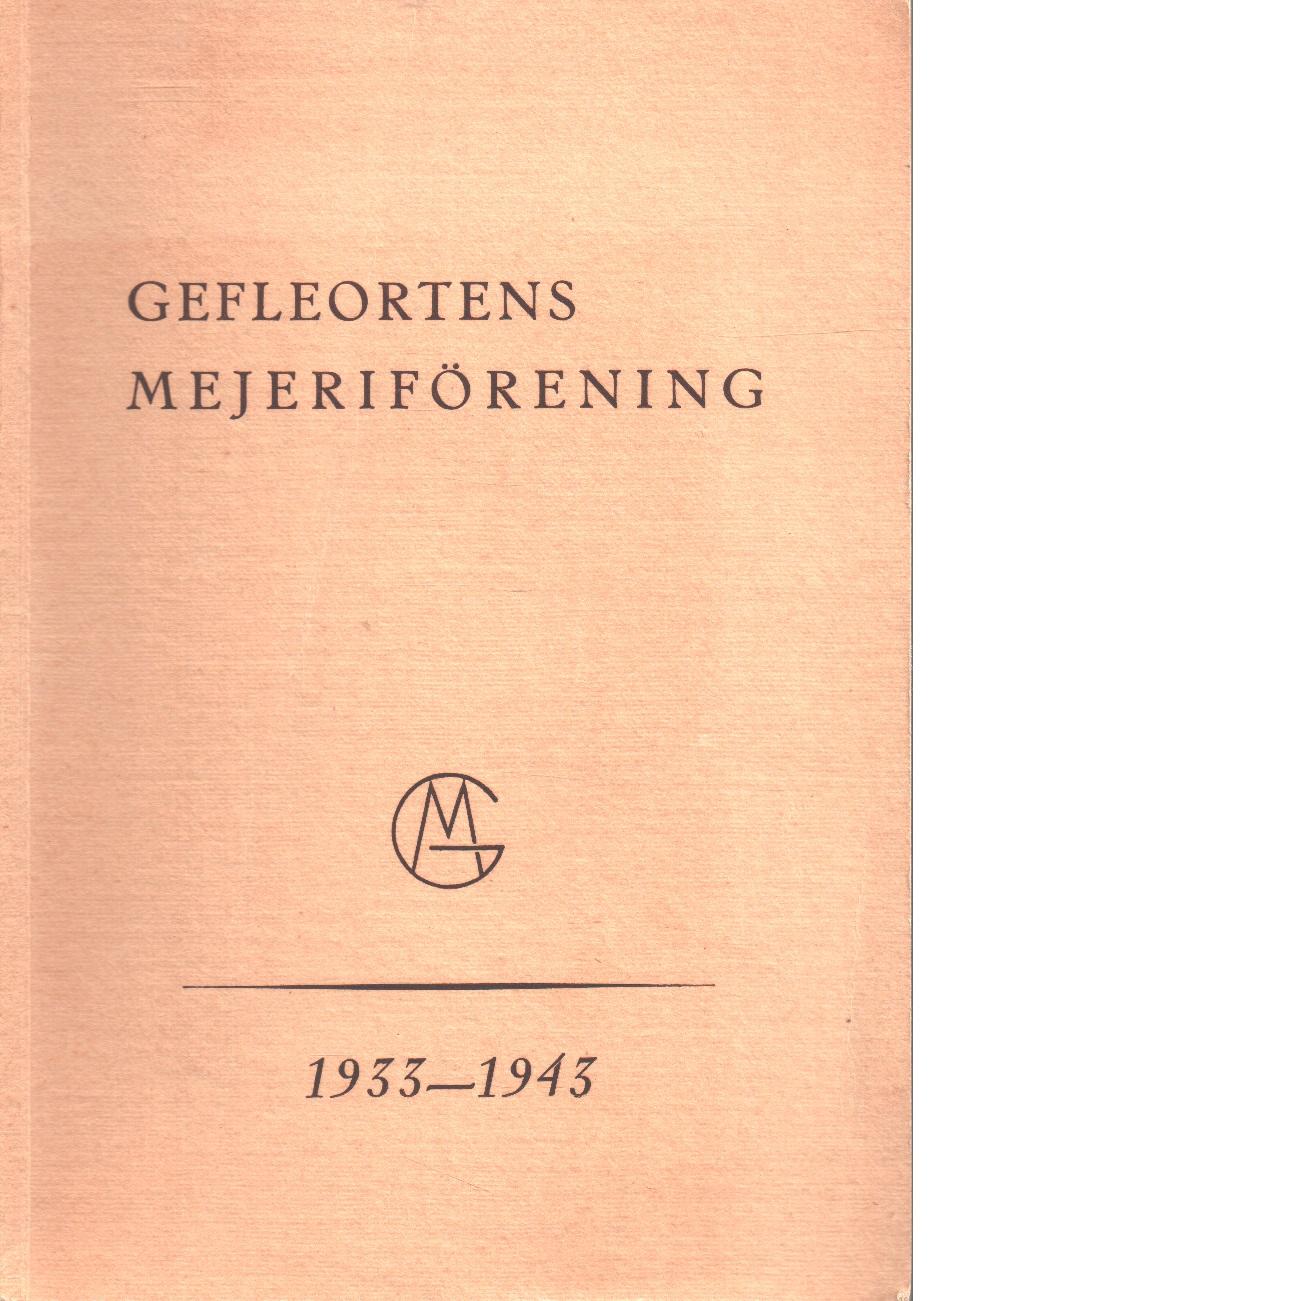 Mejerirörelsens utveckling inom gefleortens mejeriförenings verksamhetsområde - Red. Gävleortens Mejeriförening